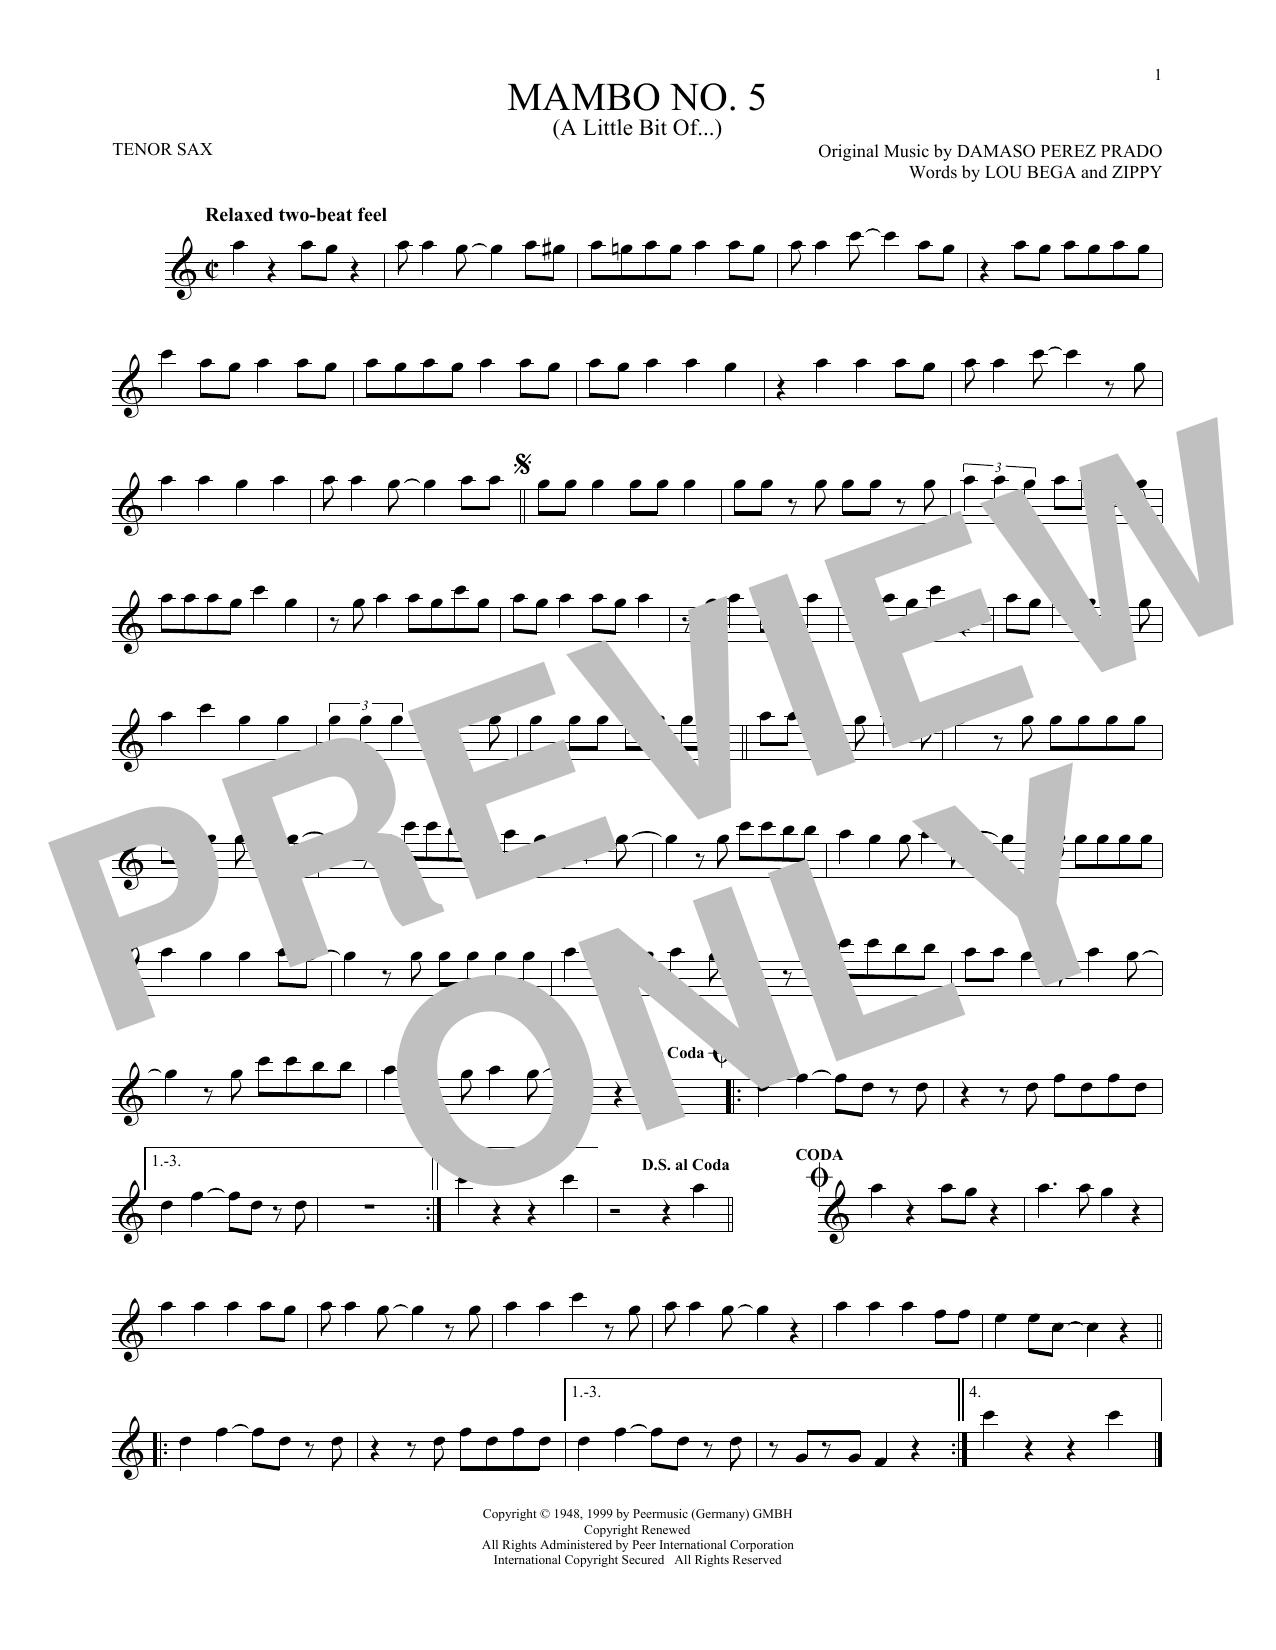 Mambo No. 5 (A Little Bit Of...) (Tenor Sax Solo)